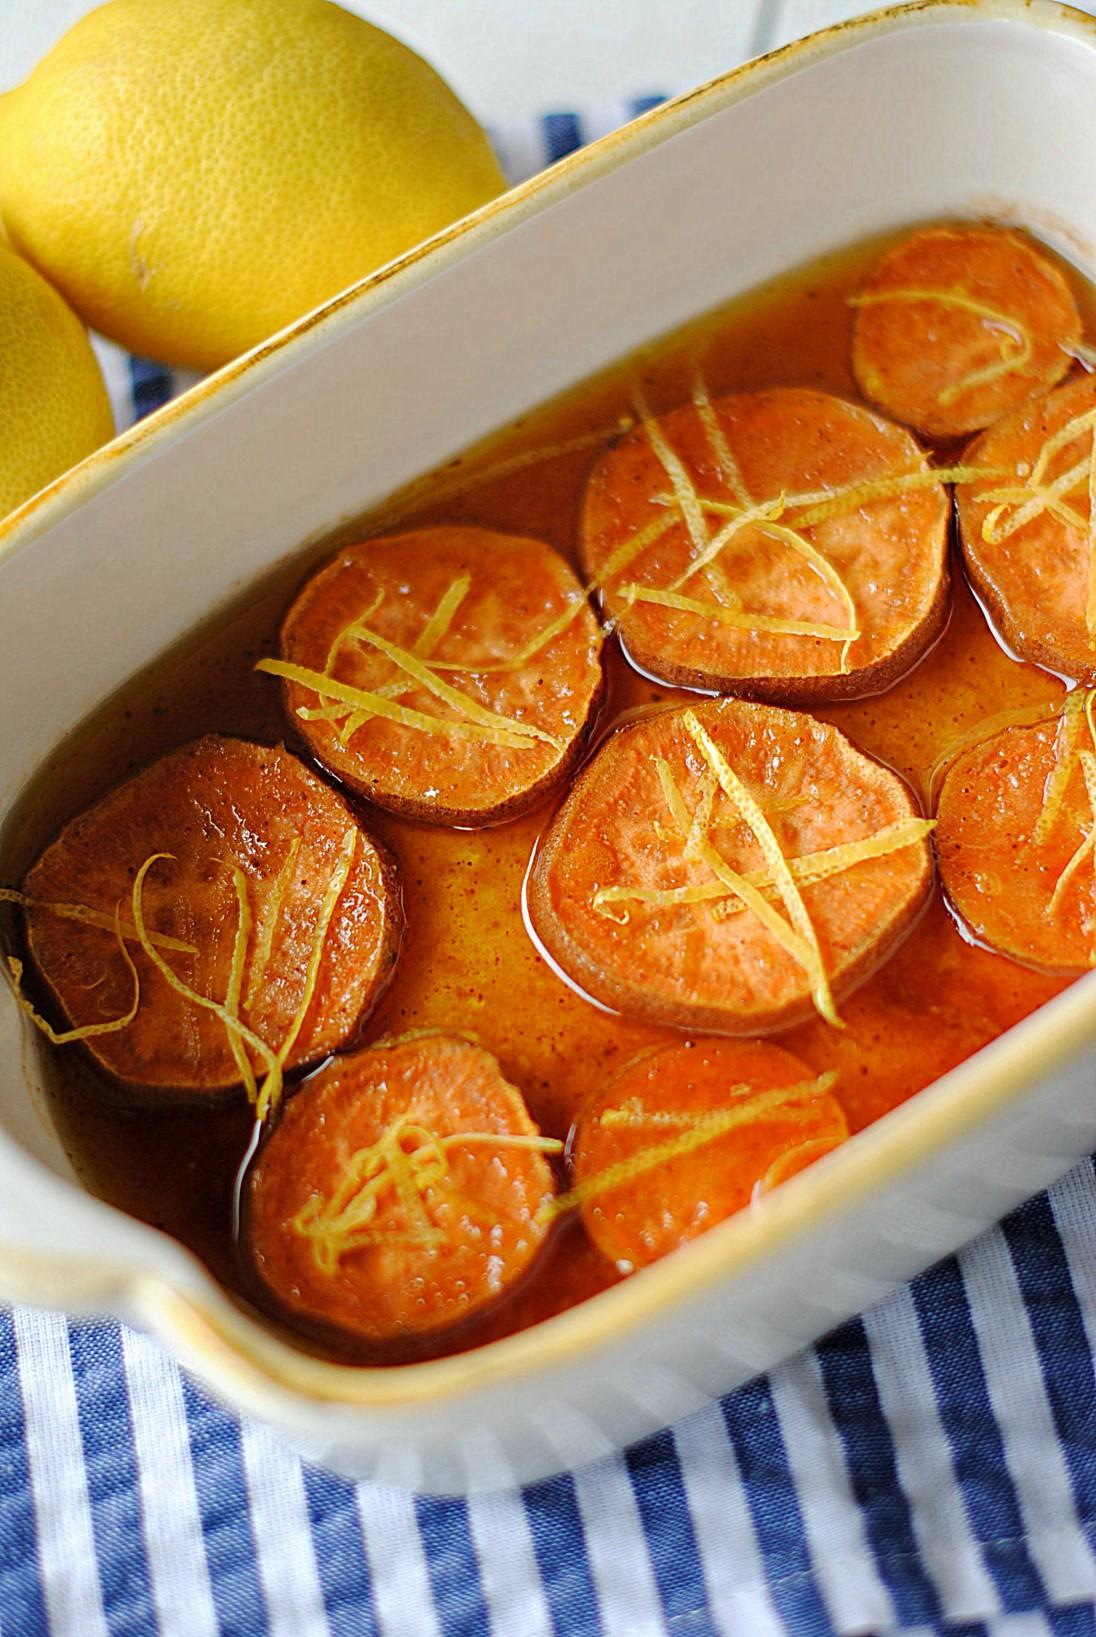 Lemon and Cinnamon Sweet Potatoes - Eat Yourself Skinny